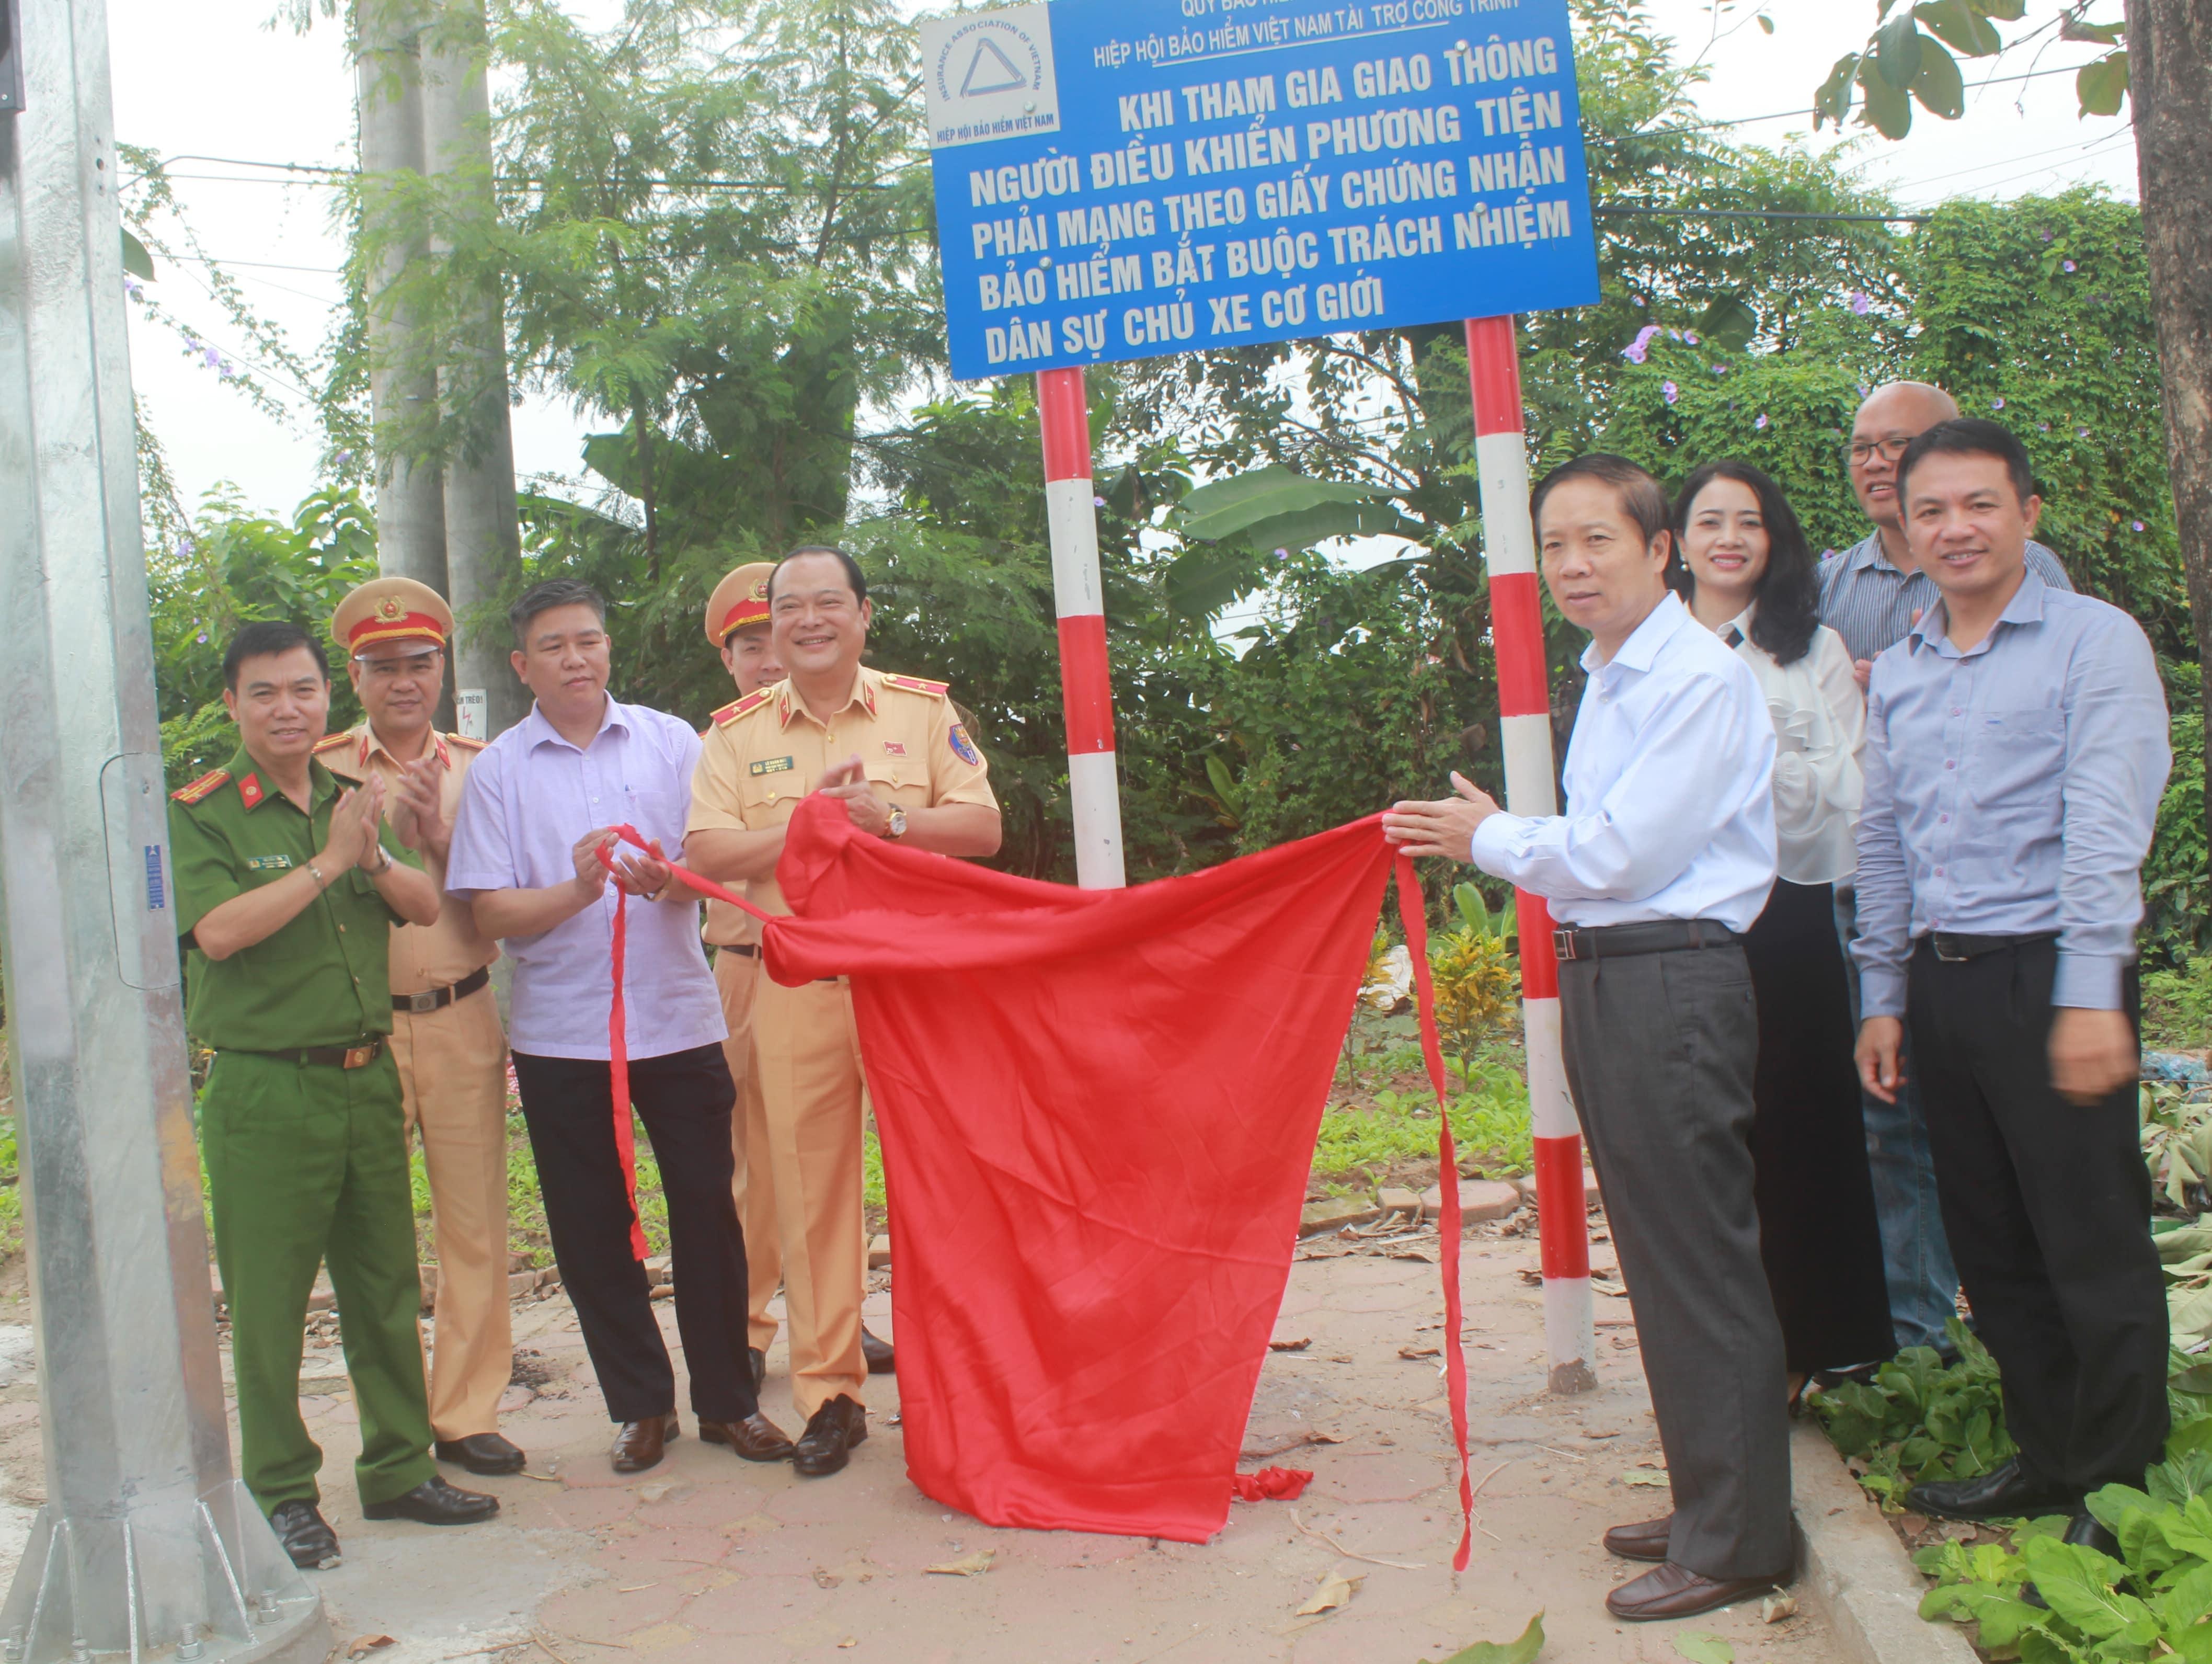 Khánh thành đèn tín hiệu giao thông tại huyện Văn Giang tỉnh Hưng Yên